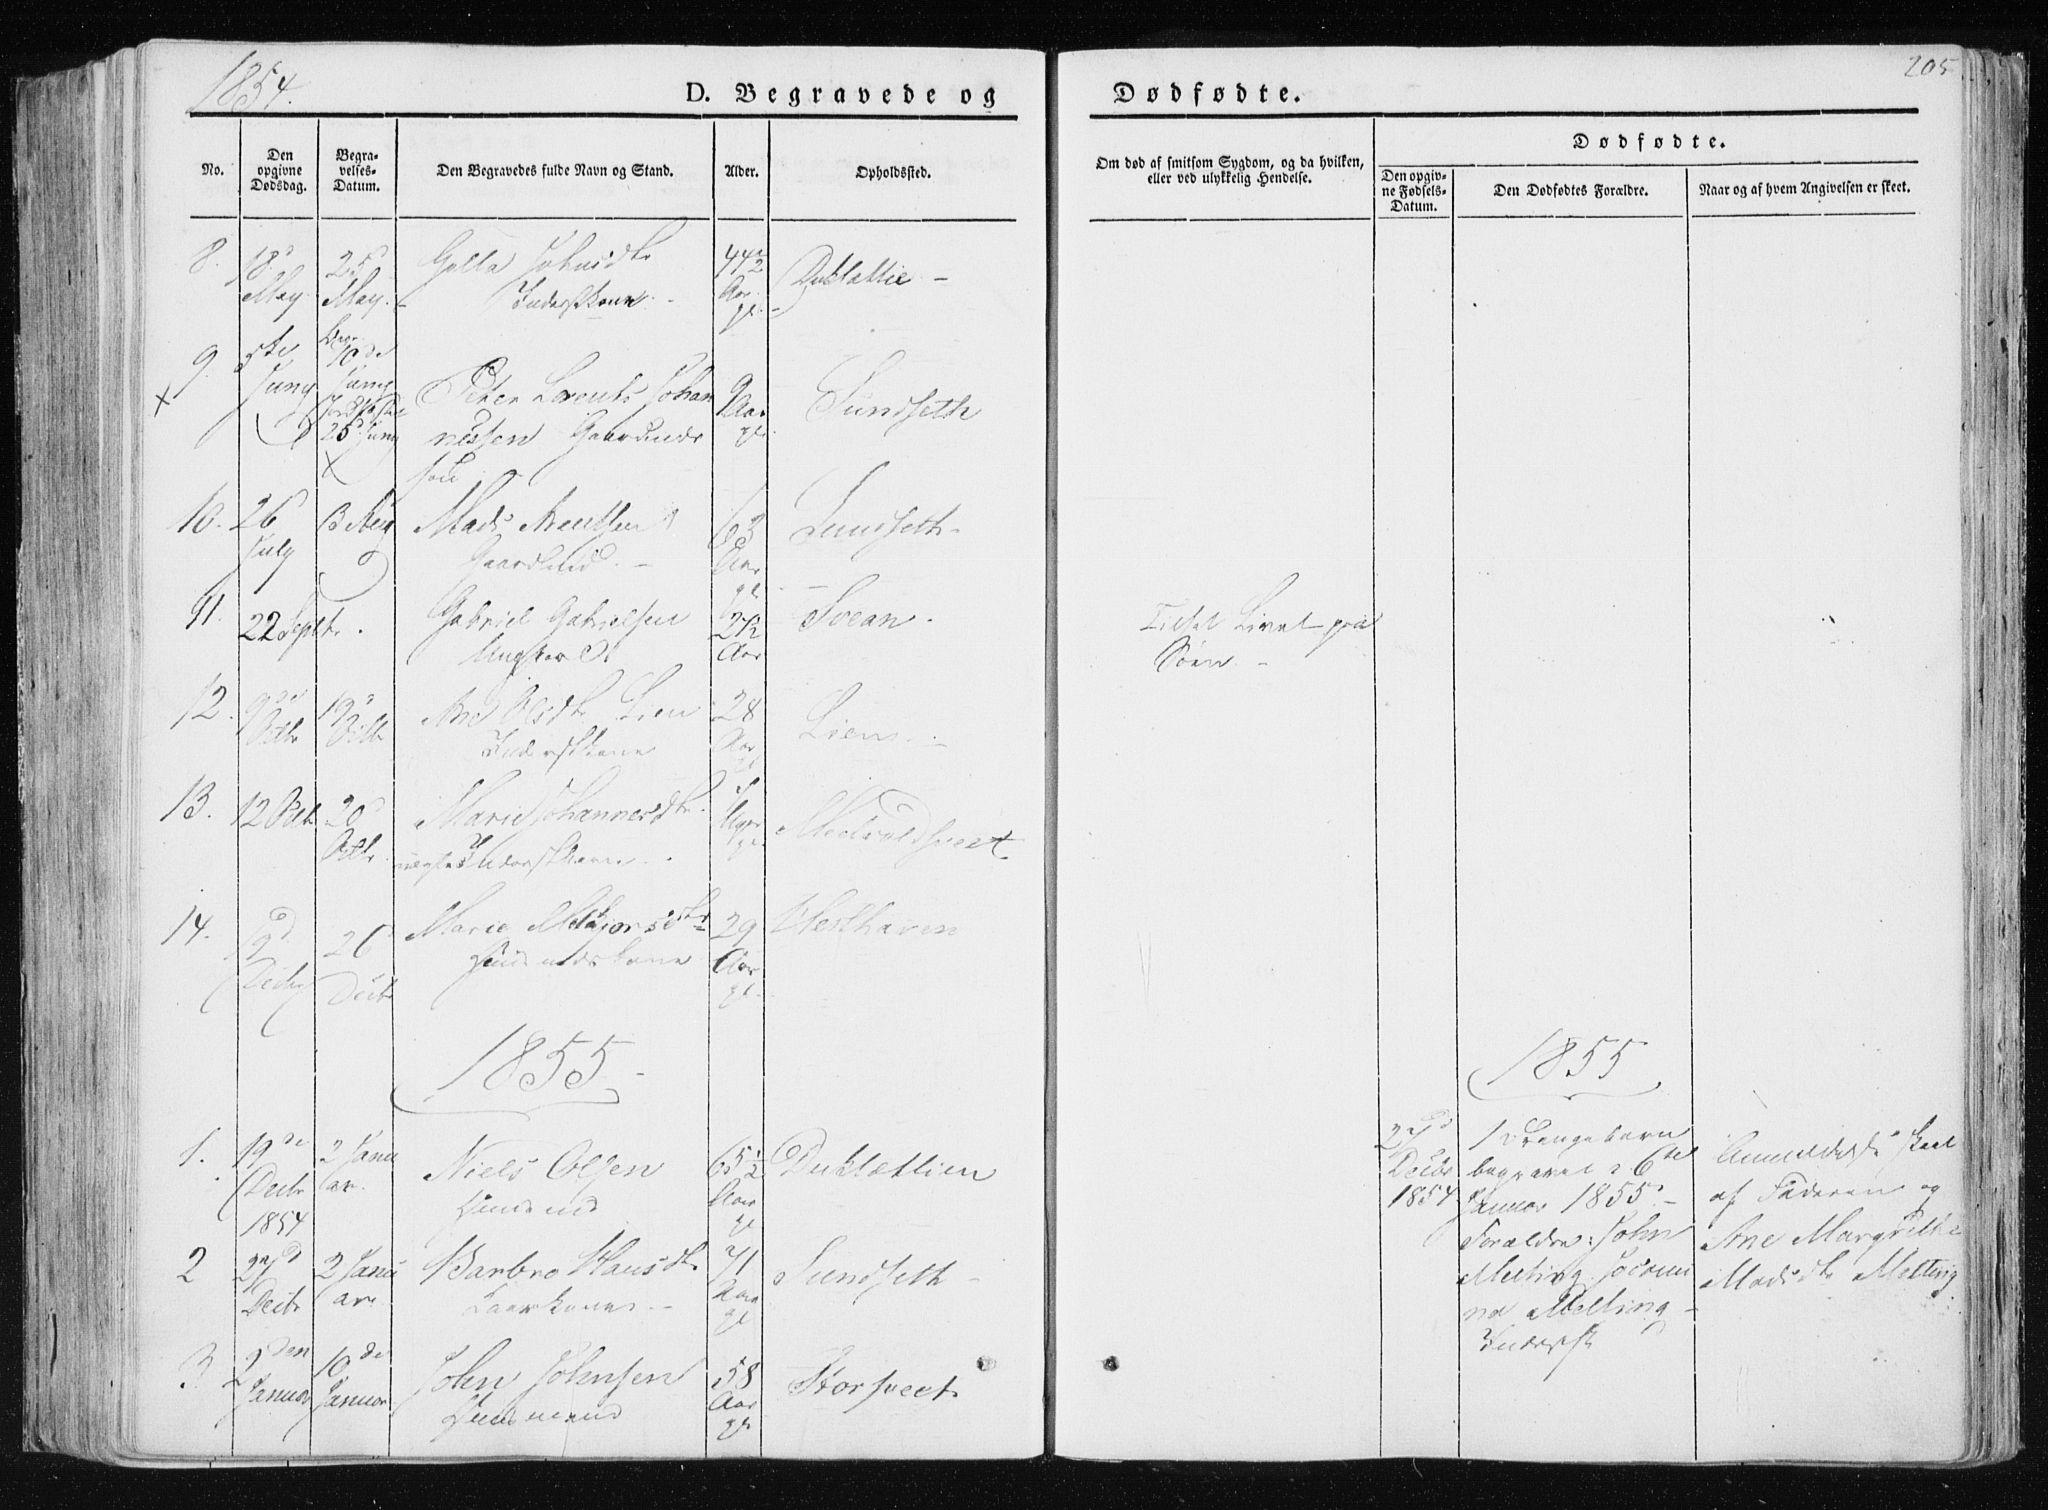 SAT, Ministerialprotokoller, klokkerbøker og fødselsregistre - Nord-Trøndelag, 733/L0323: Ministerialbok nr. 733A02, 1843-1870, s. 205